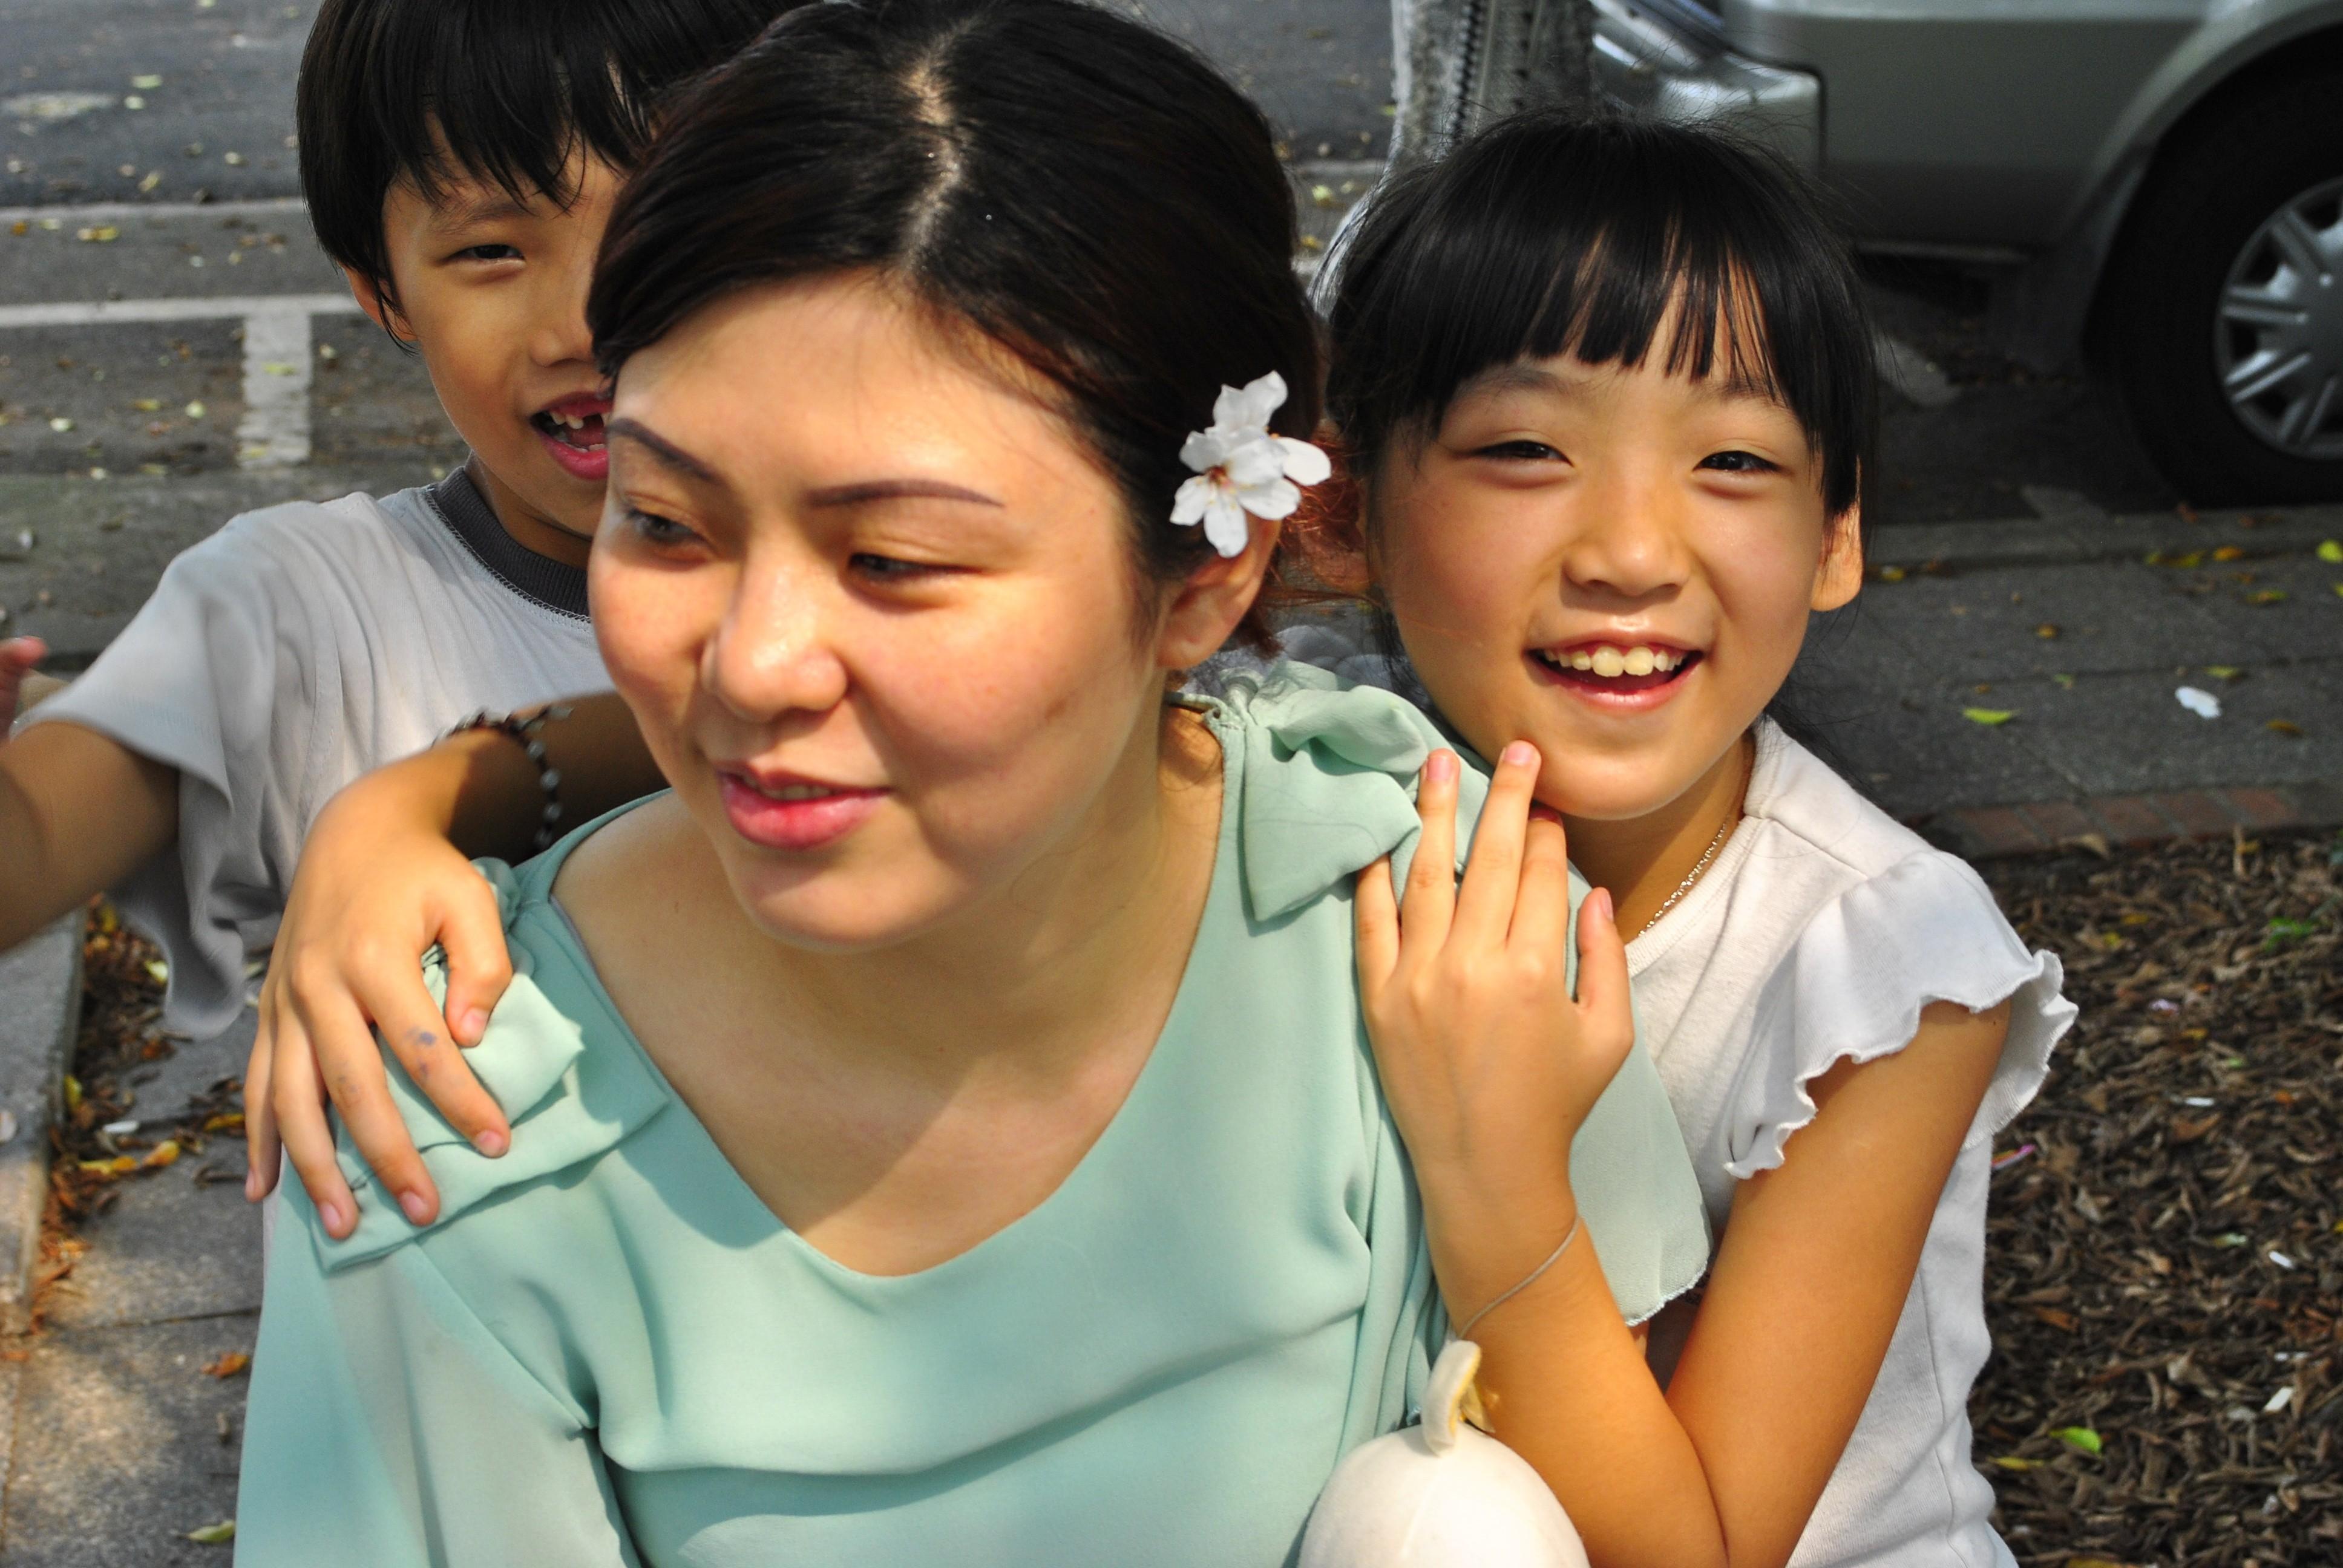 滿枝與女兒/圖:時報文化提供